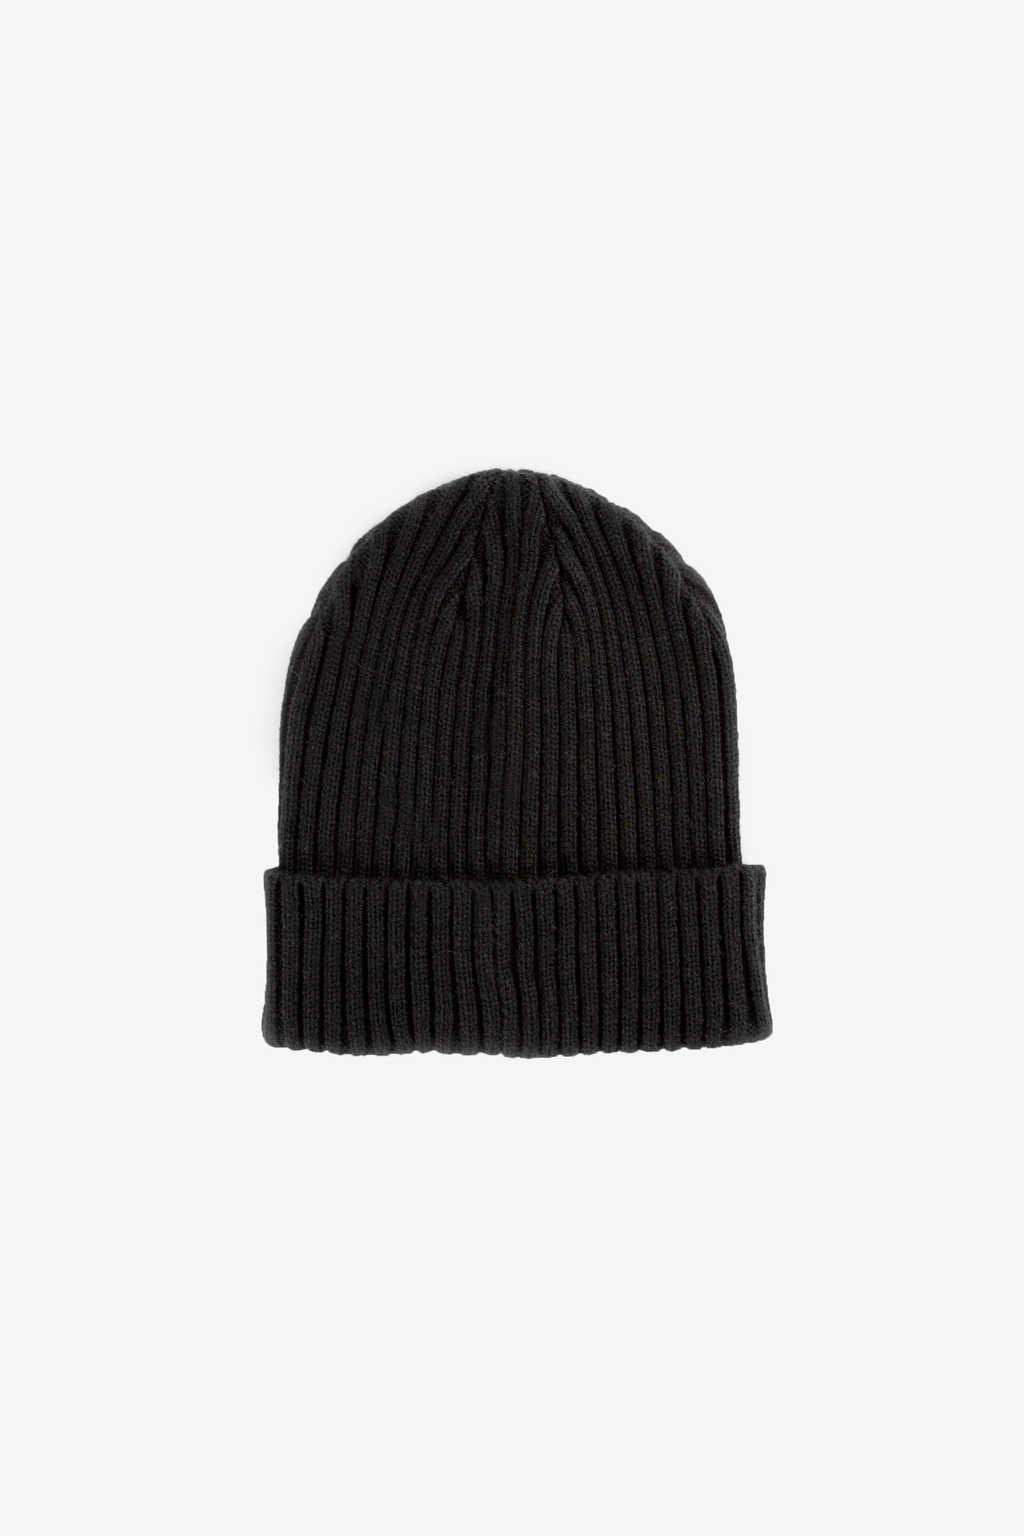 Hat 97023 Black 3